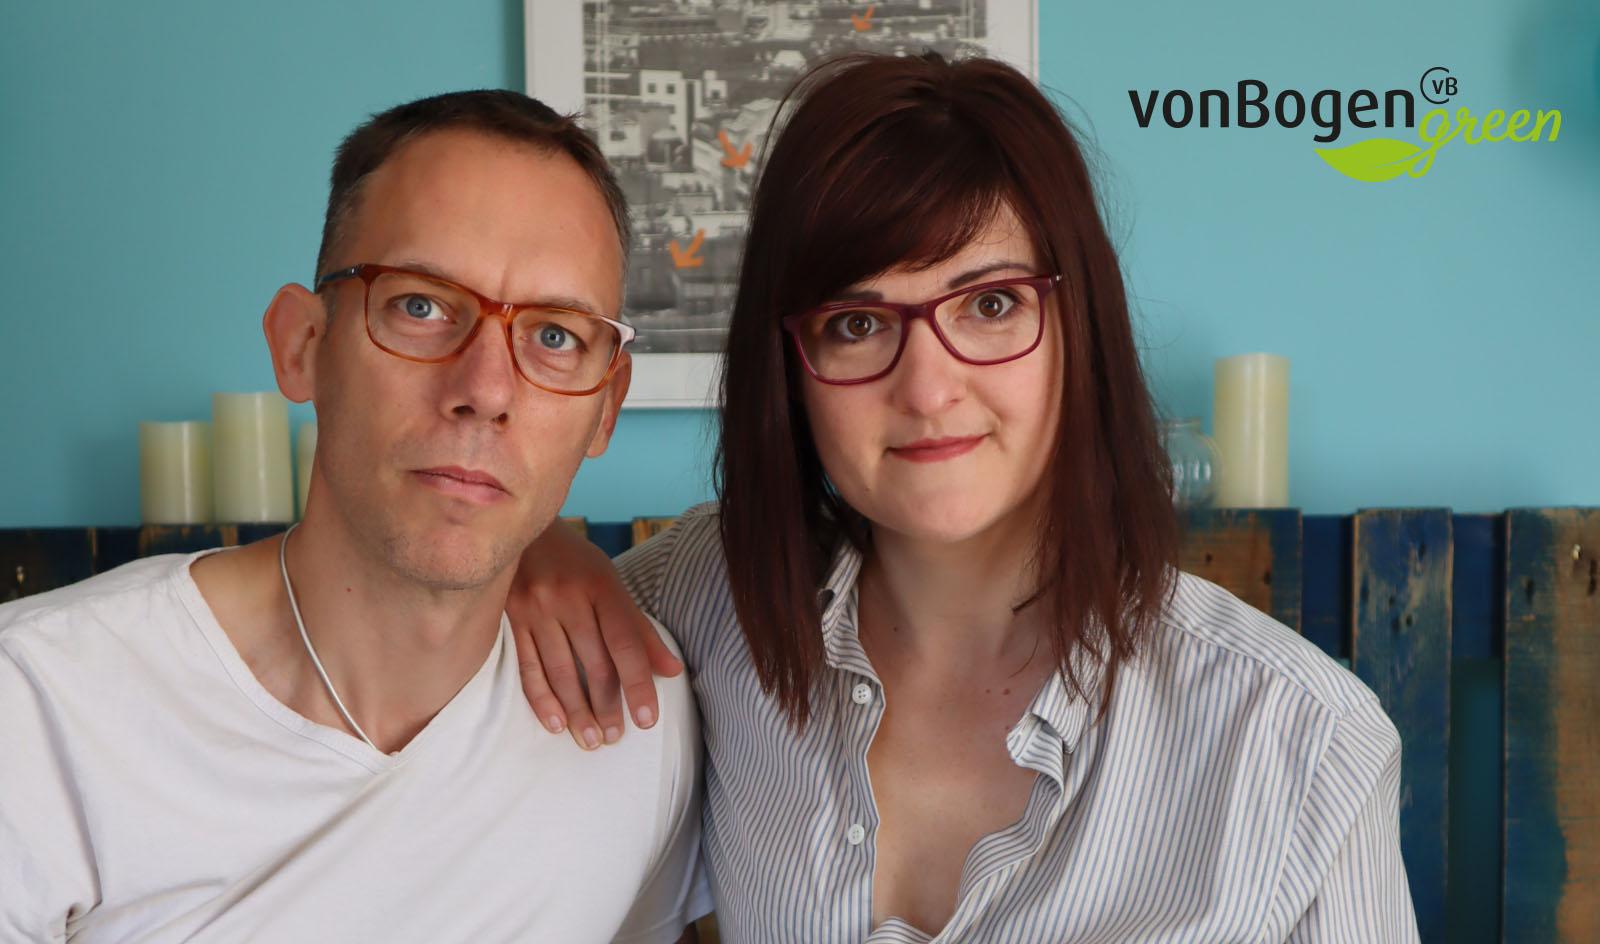 Von Bogen // It has never been so easy to do good!